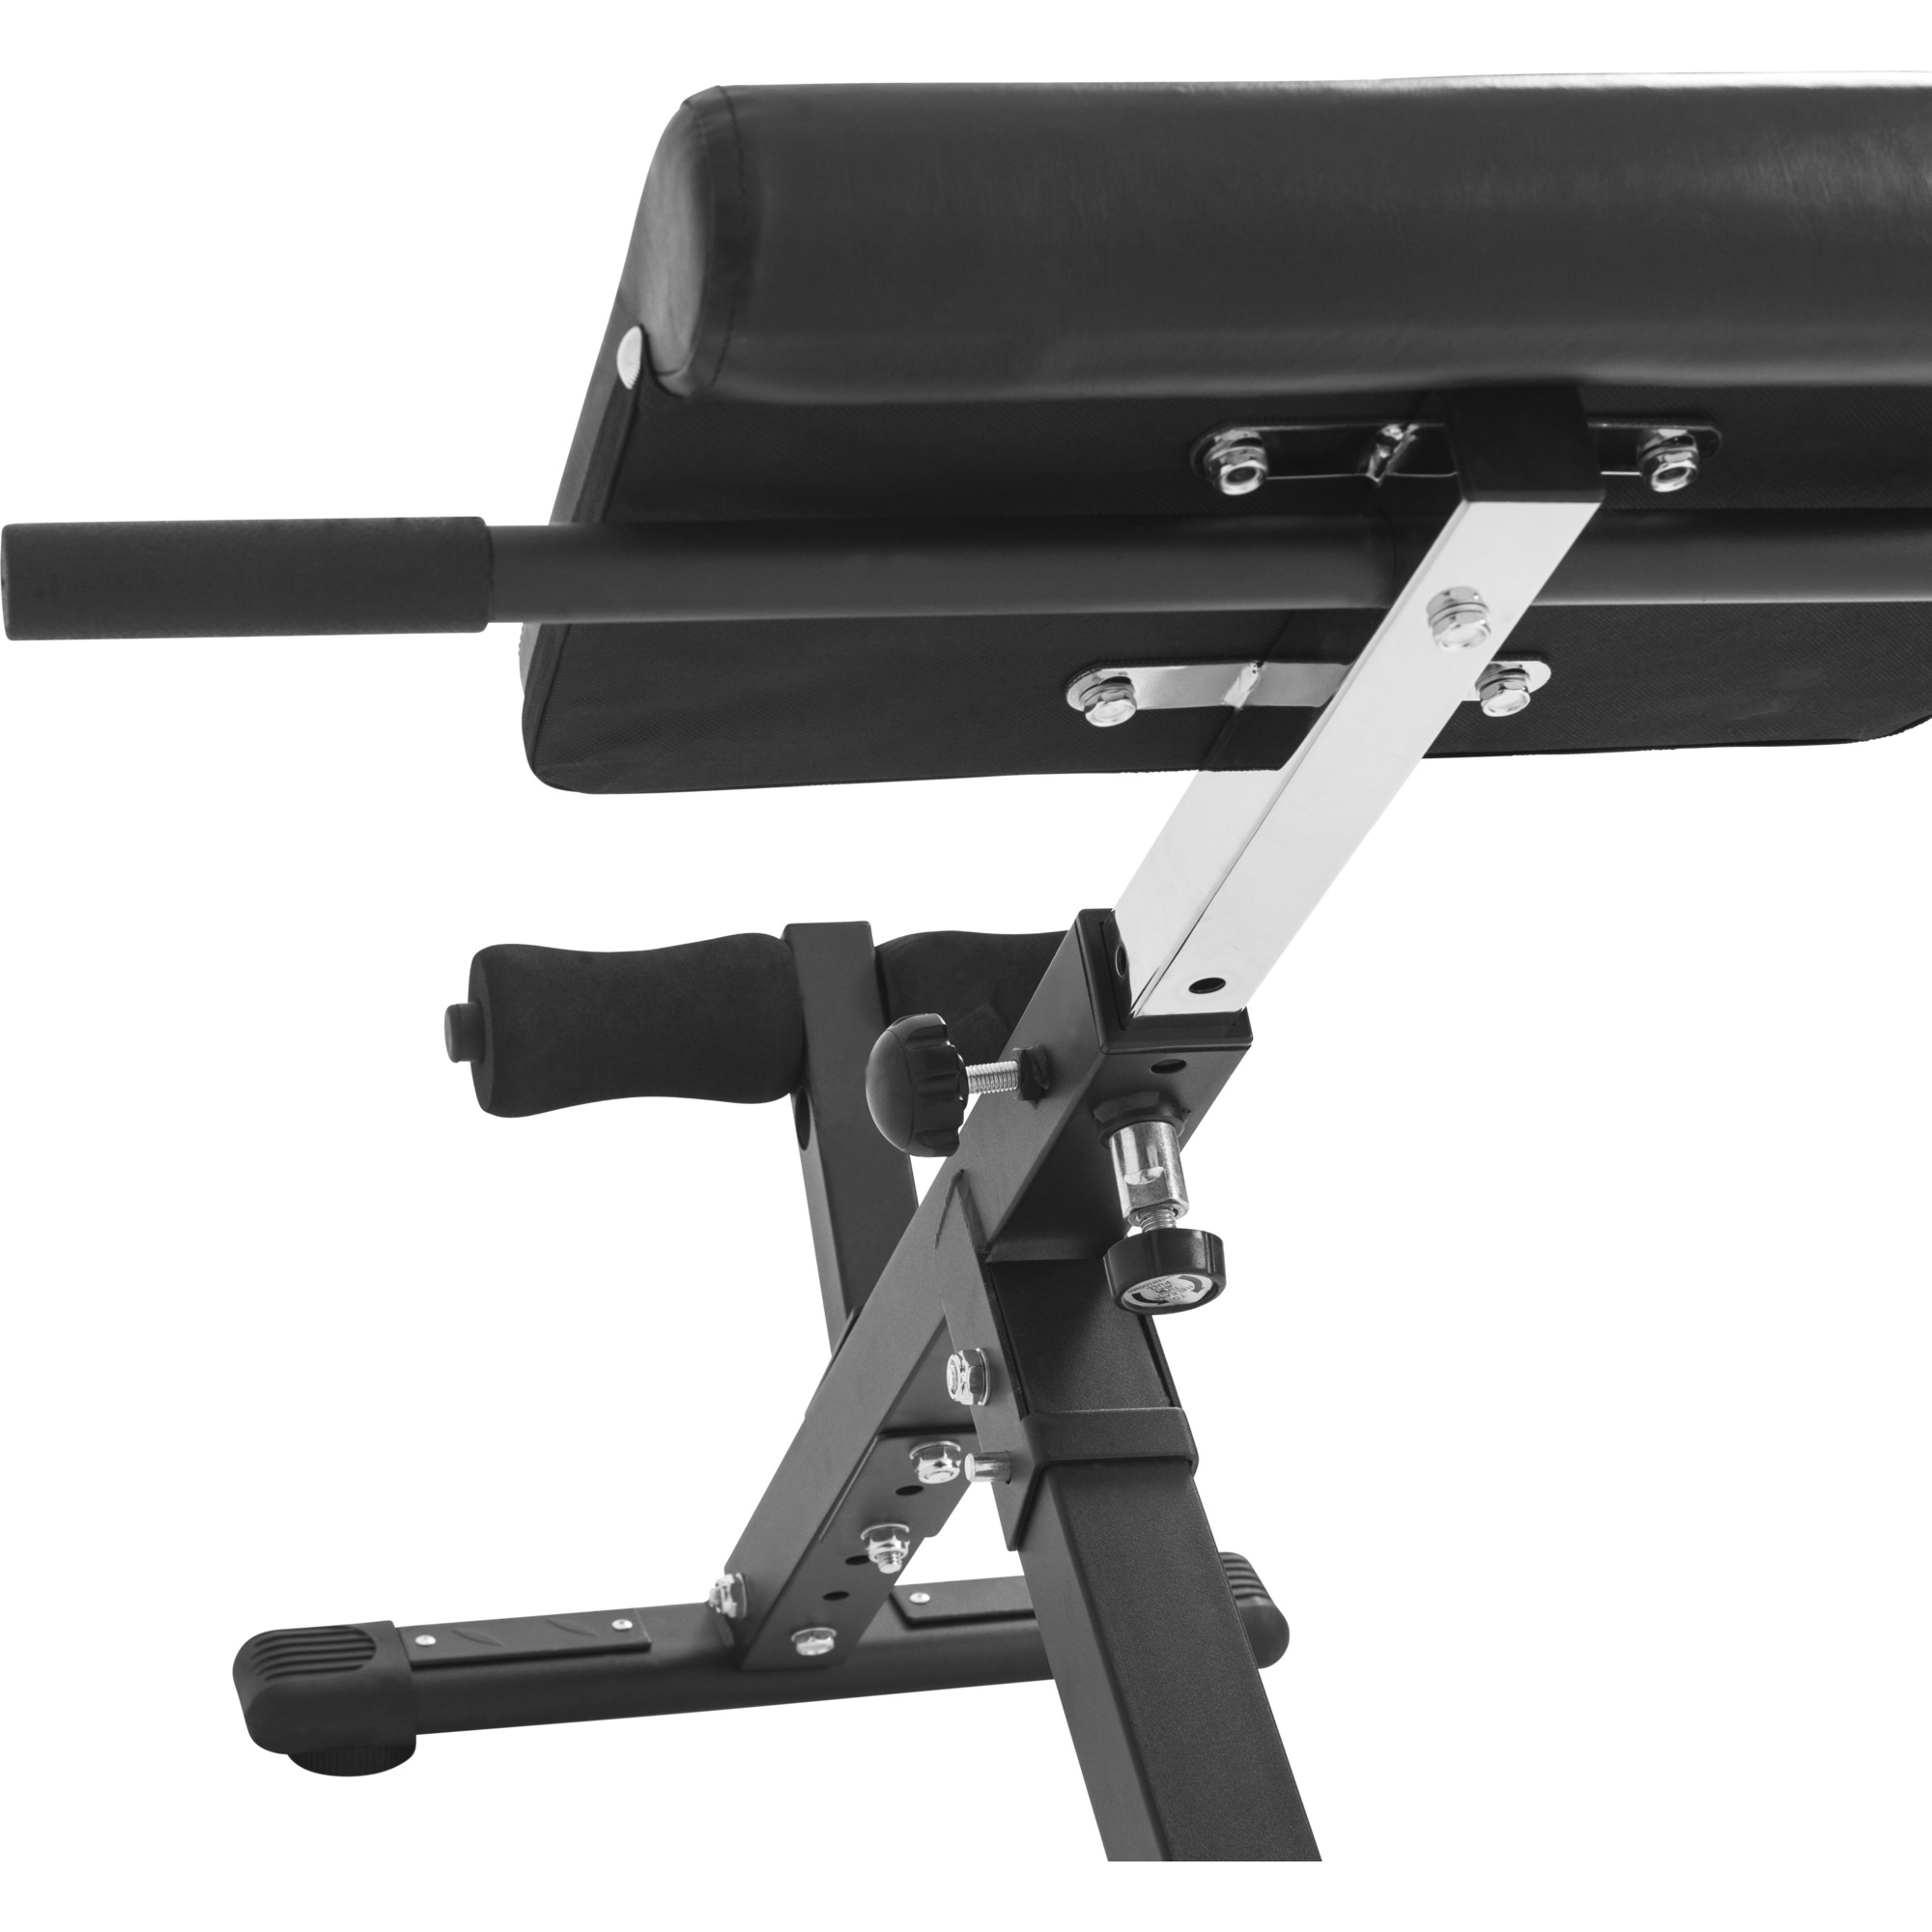 appareil de musculation pliable pour le dos noir 100772 00019 0001. Black Bedroom Furniture Sets. Home Design Ideas